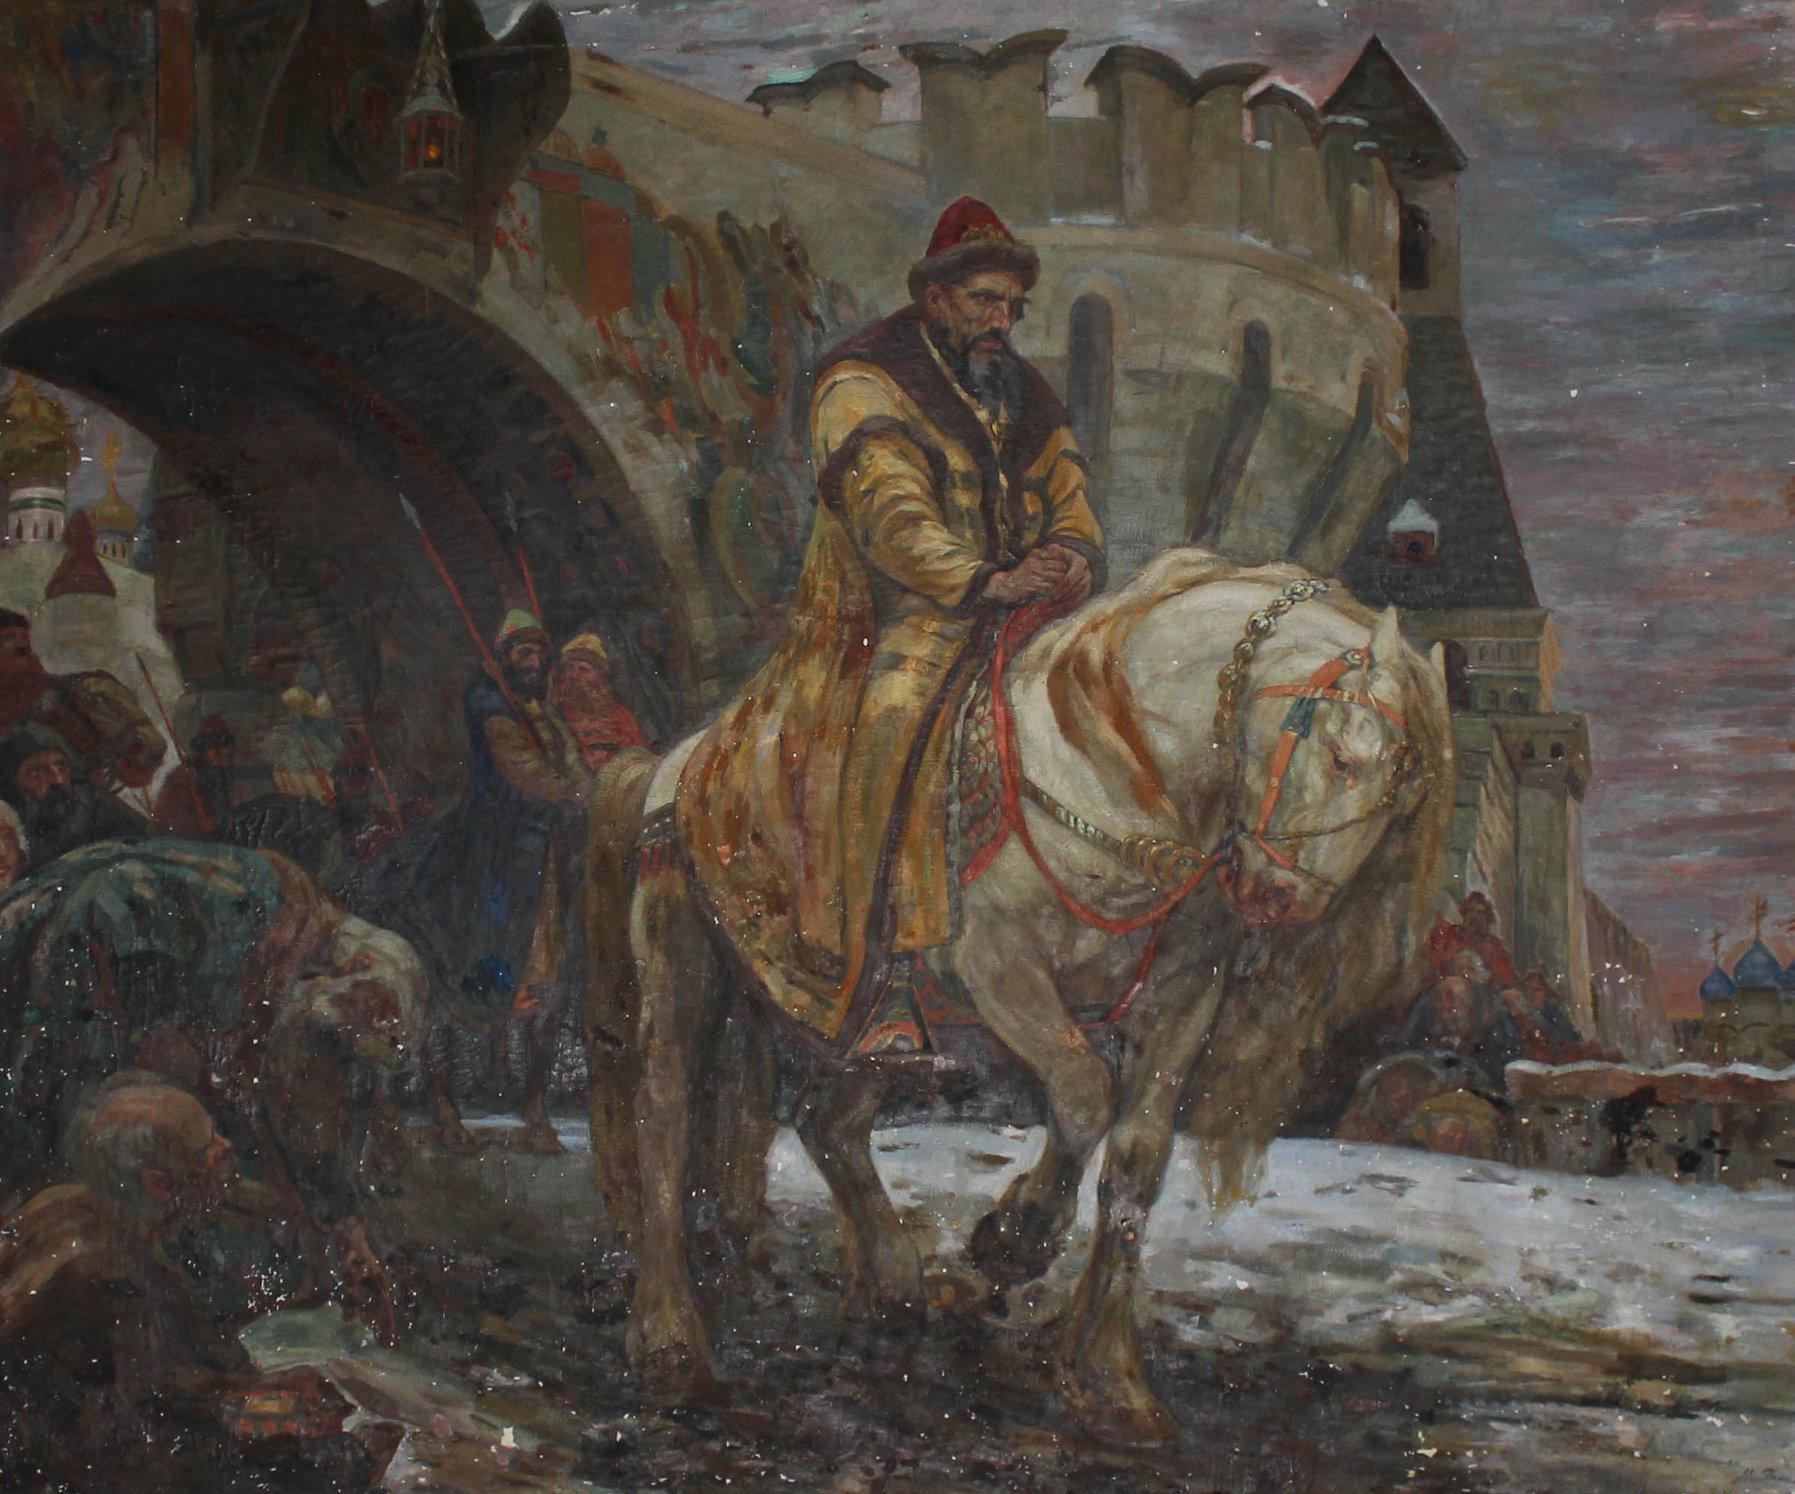 М. Панин. тайный выезд Ивана Грозного перед учерждением опричнины. 1911.